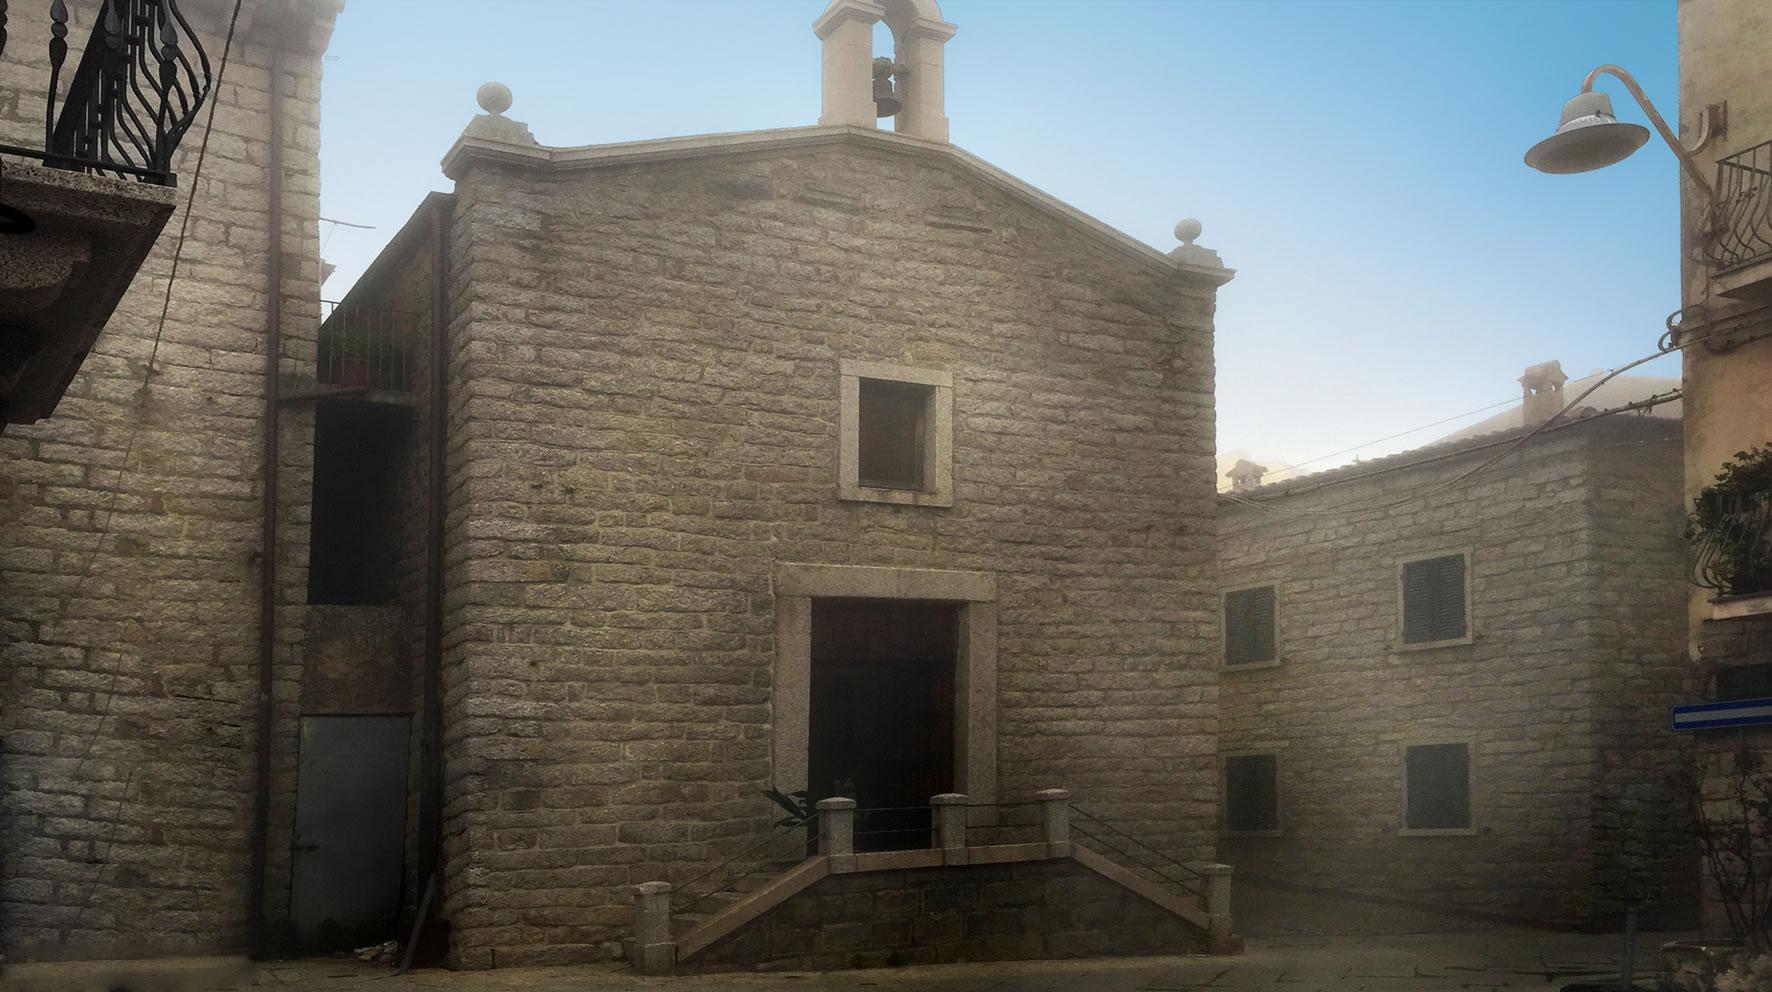 Chiesa Nostra Signora del Pilar, Tempio Pausania